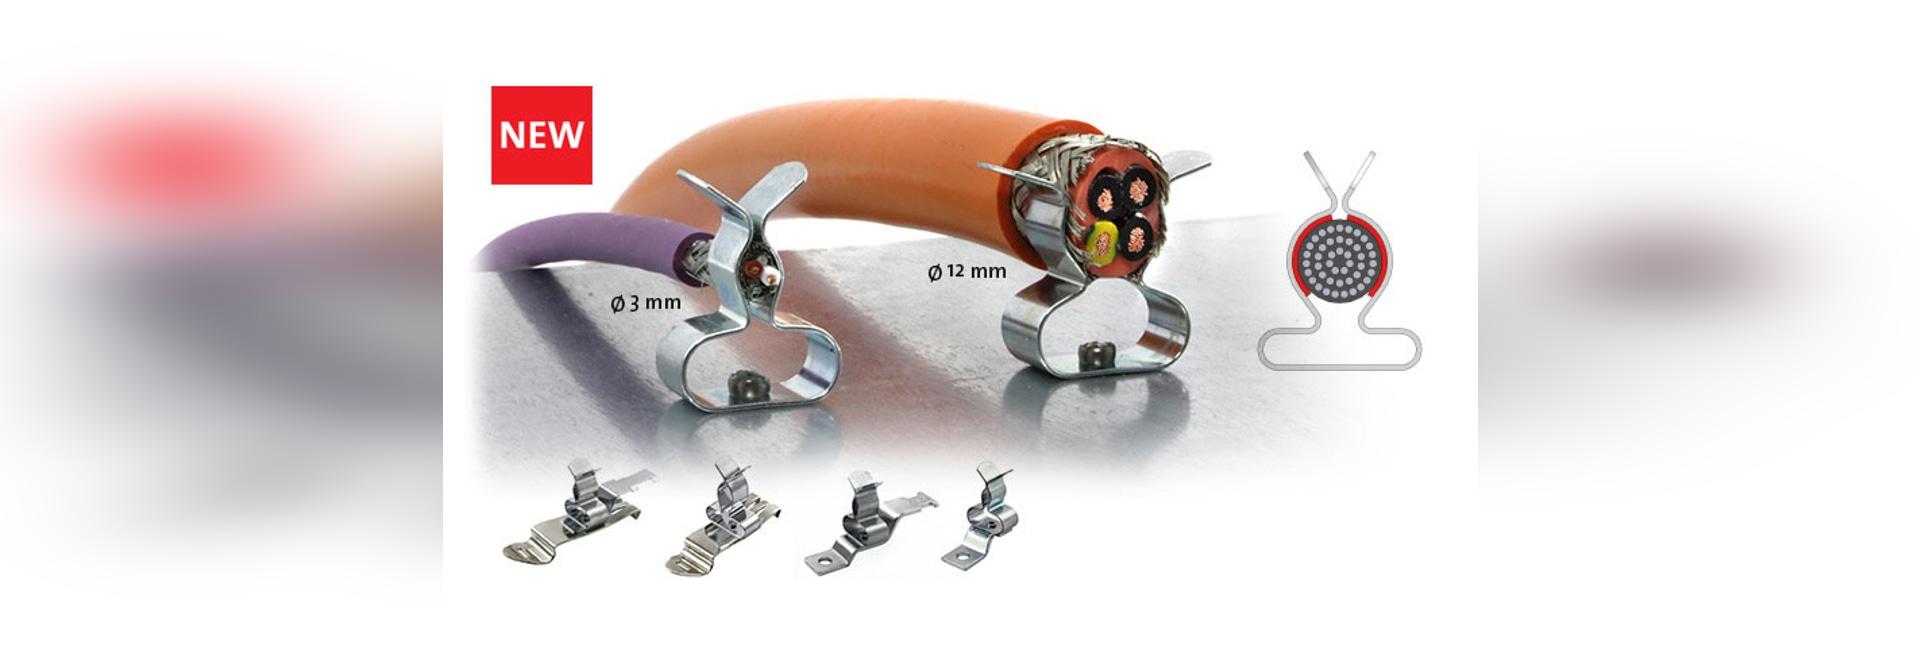 EMC Clip de pantalla MSKL con rango amplio de diámetros